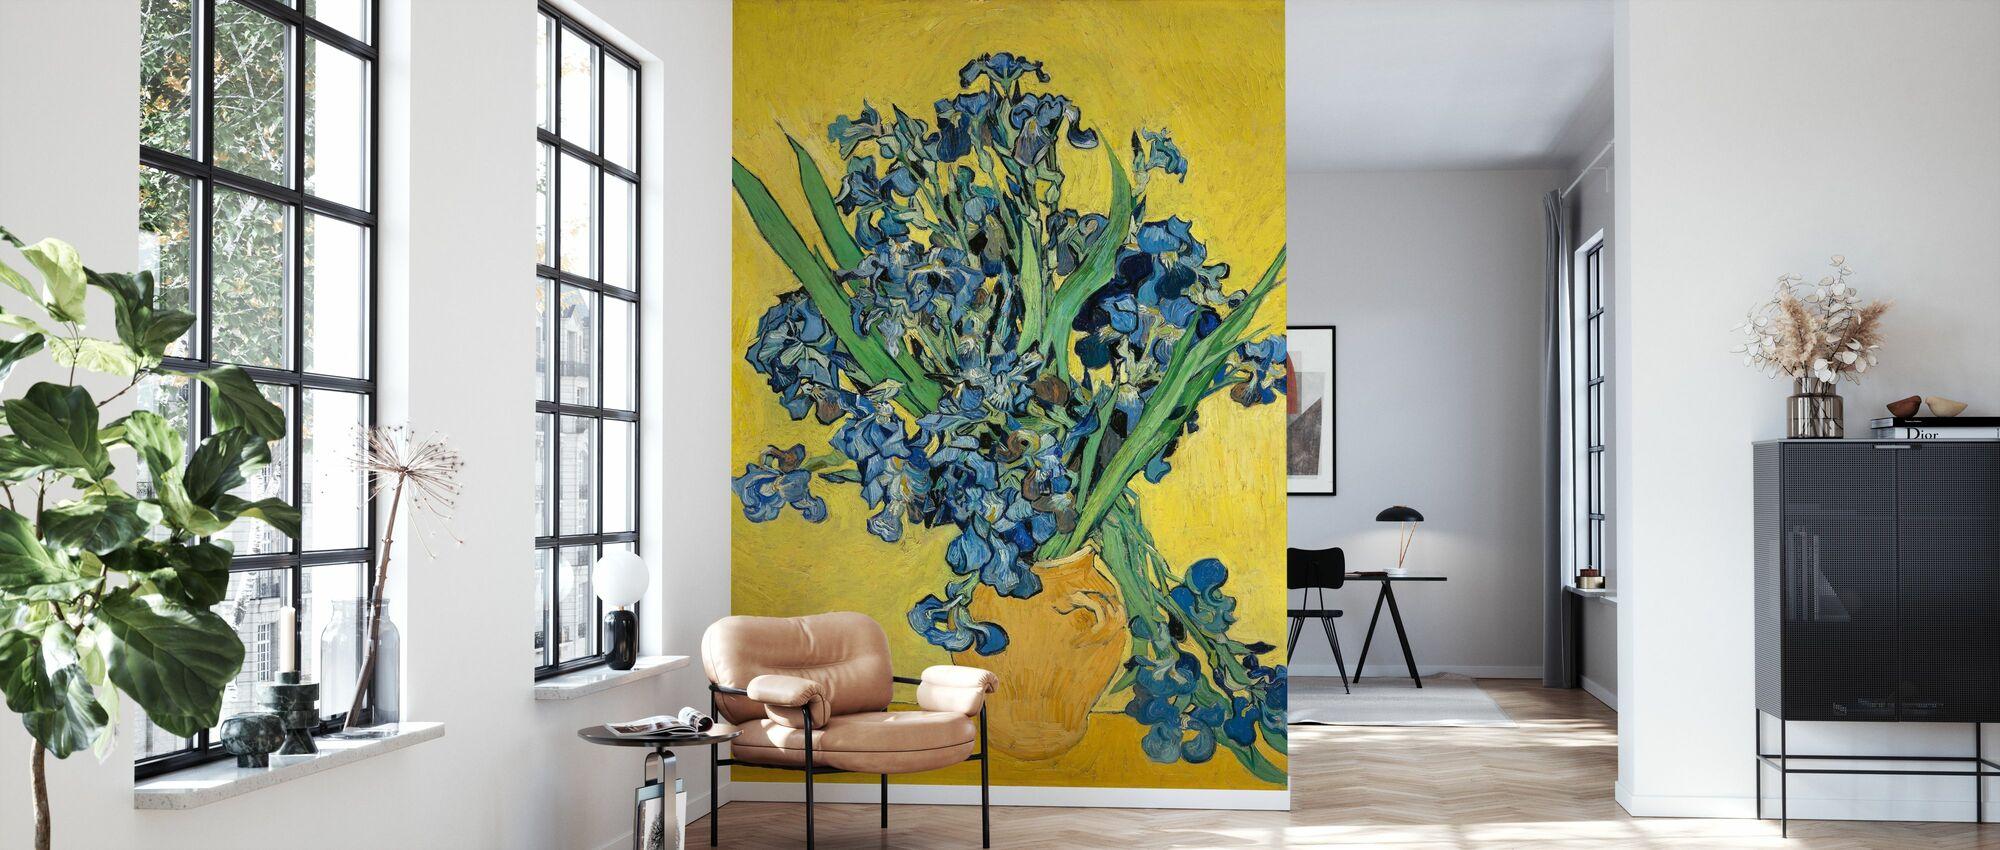 Irissen - Vincent Van Gogh - Behang - Woonkamer